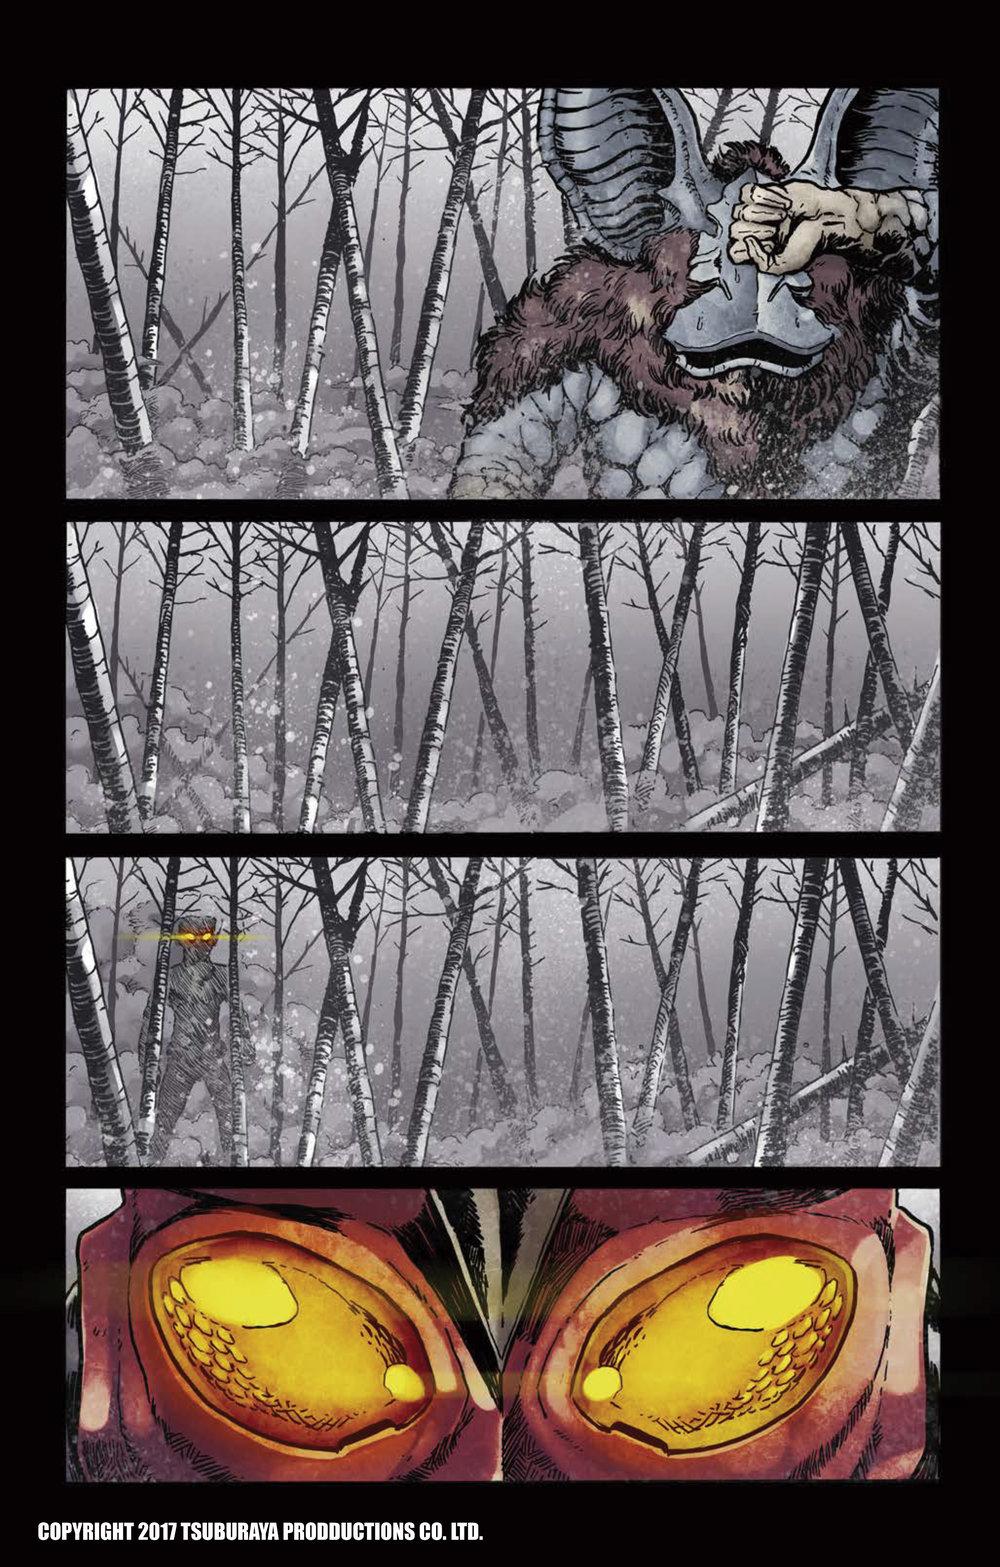 レッドマンコミック-2-5.jpg